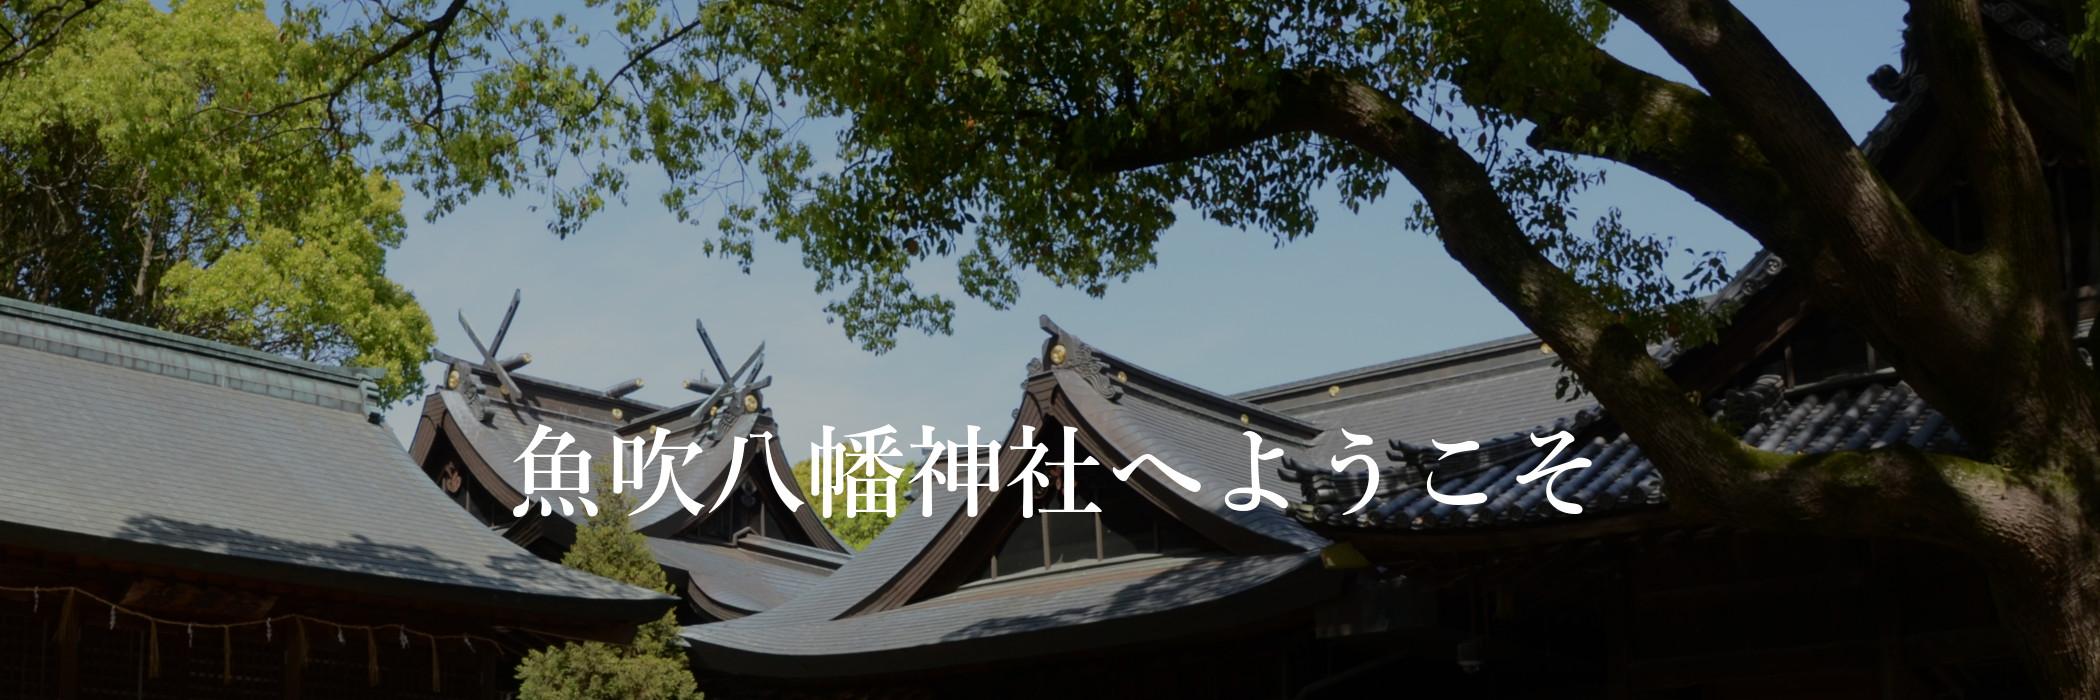 魚吹八幡神社へようこそ